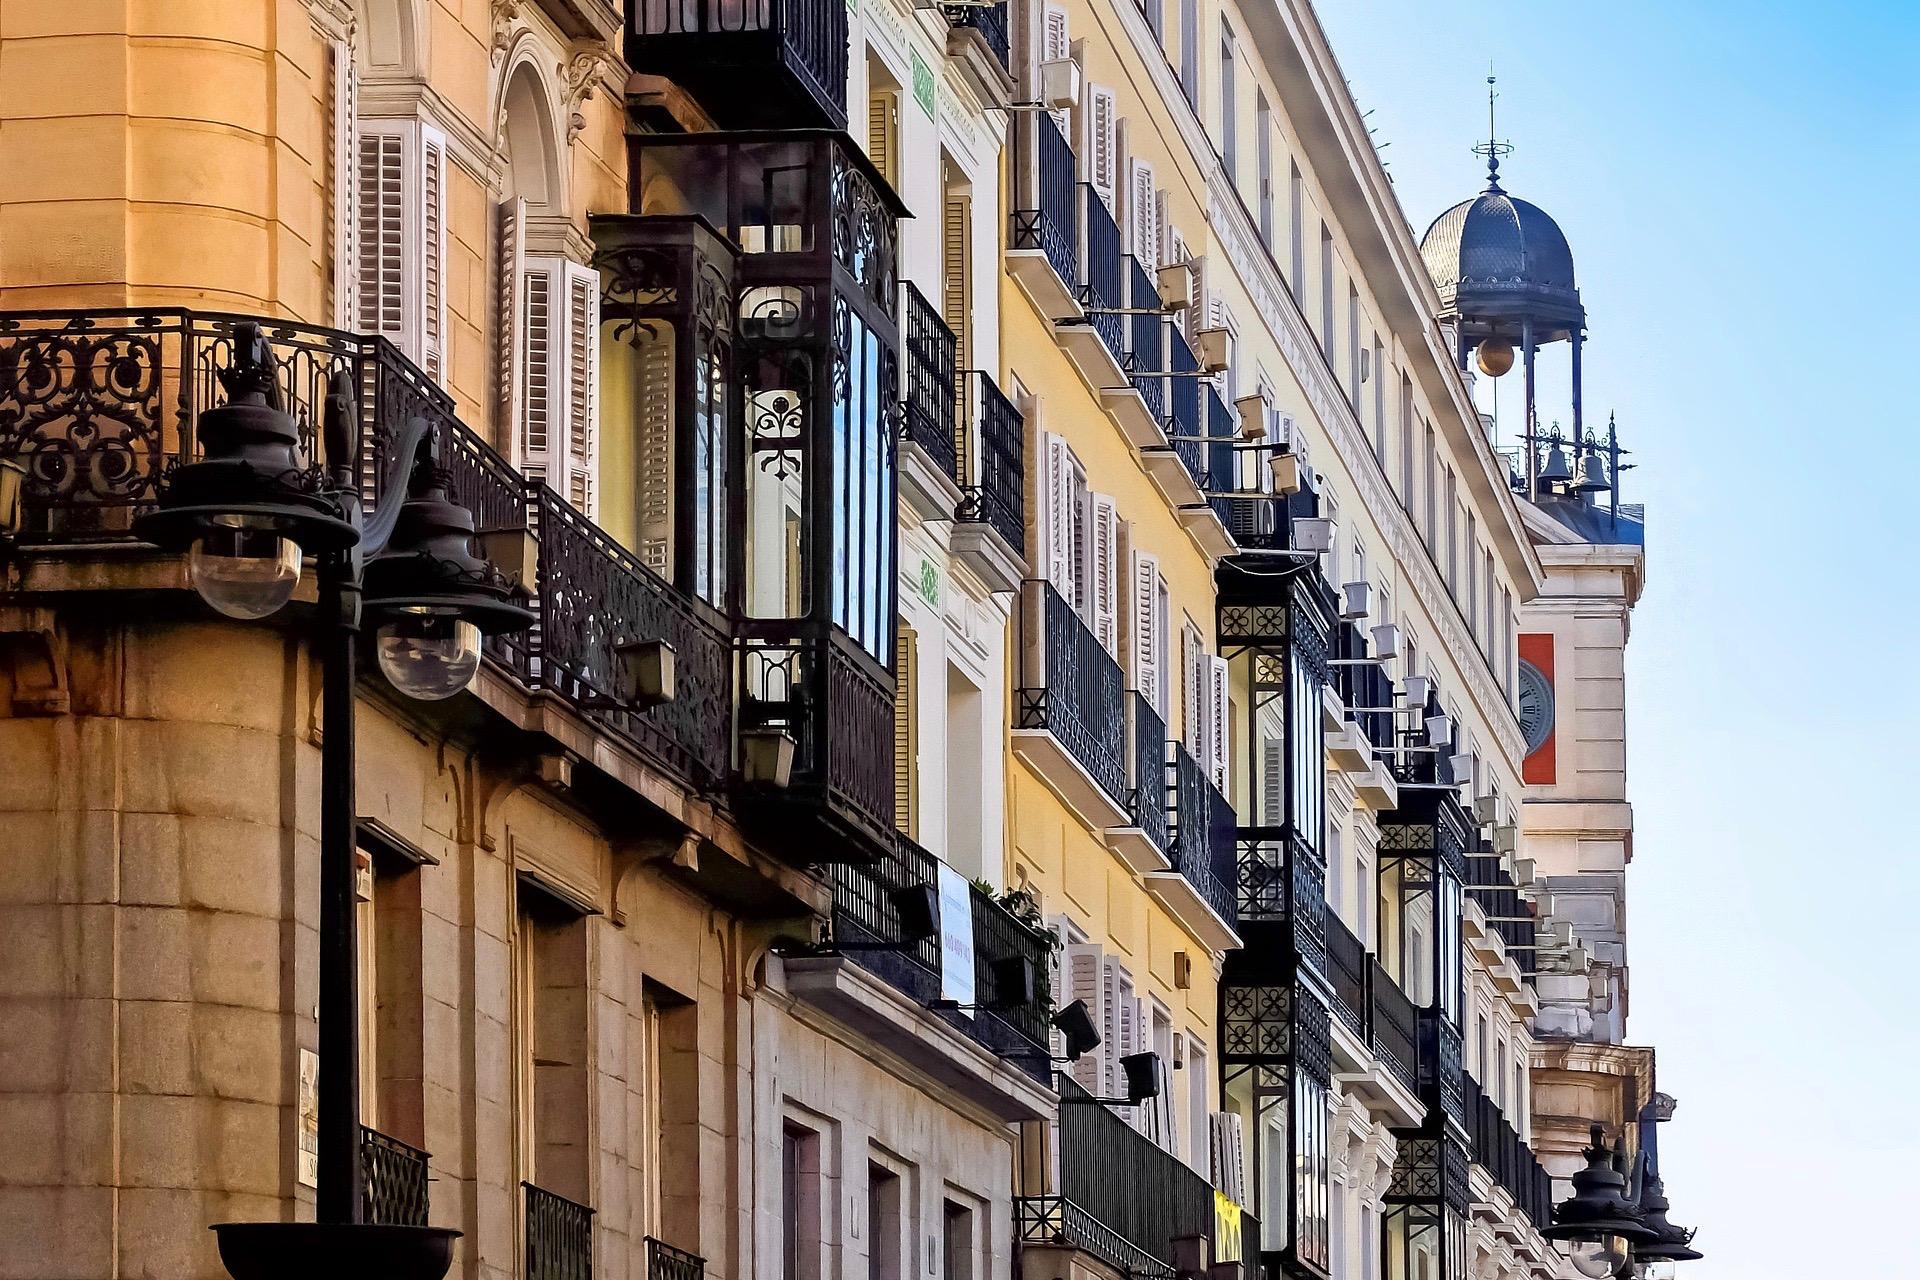 Typische Architektur findet man zwischen den Madrid Sehenswürdigkeiten immer wieder